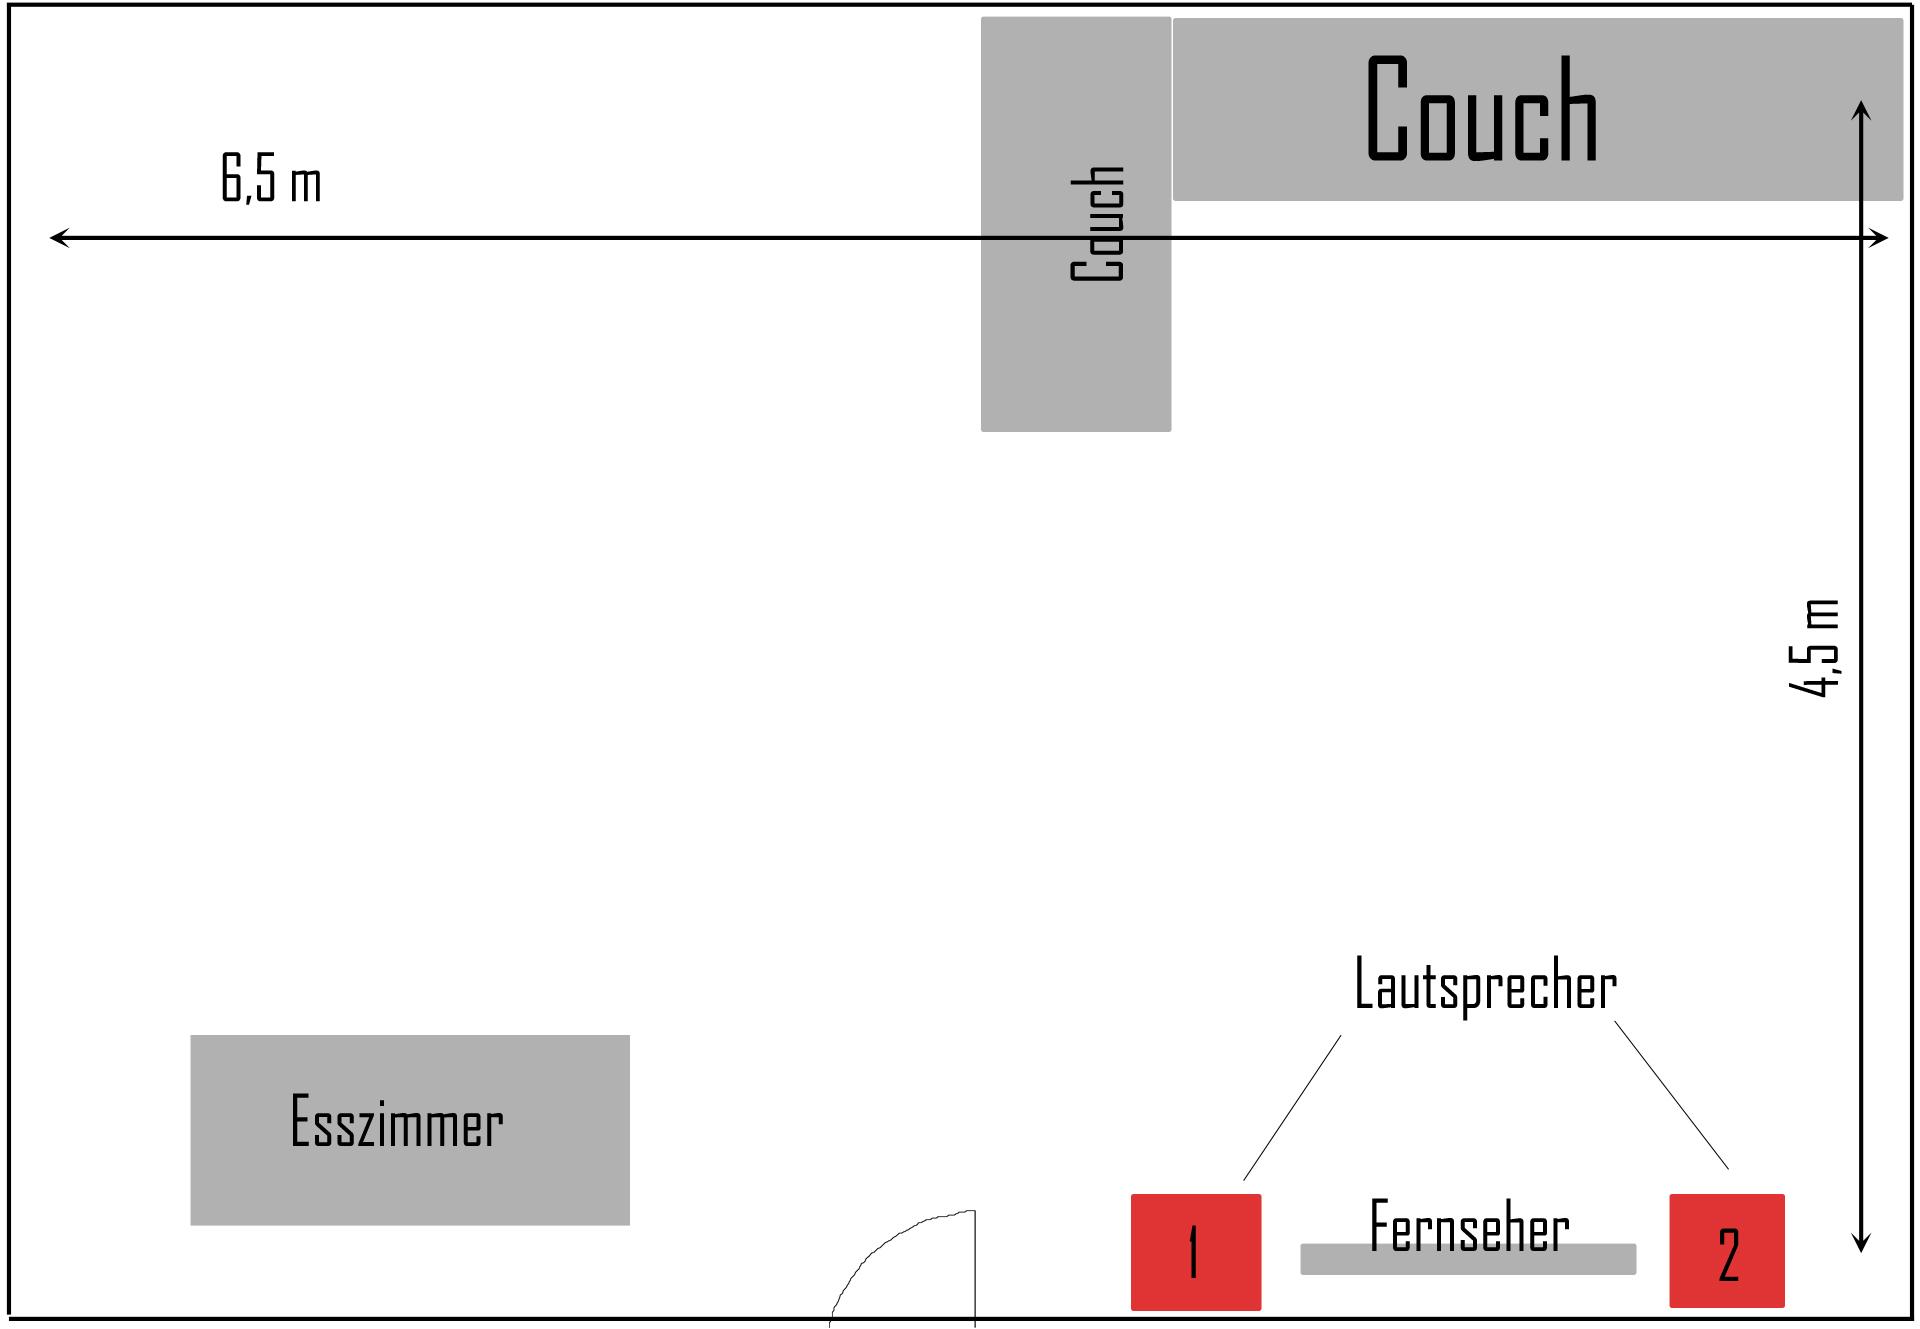 Wohnzimmer Lautsprecher Standorte Lautsprecher Standorte